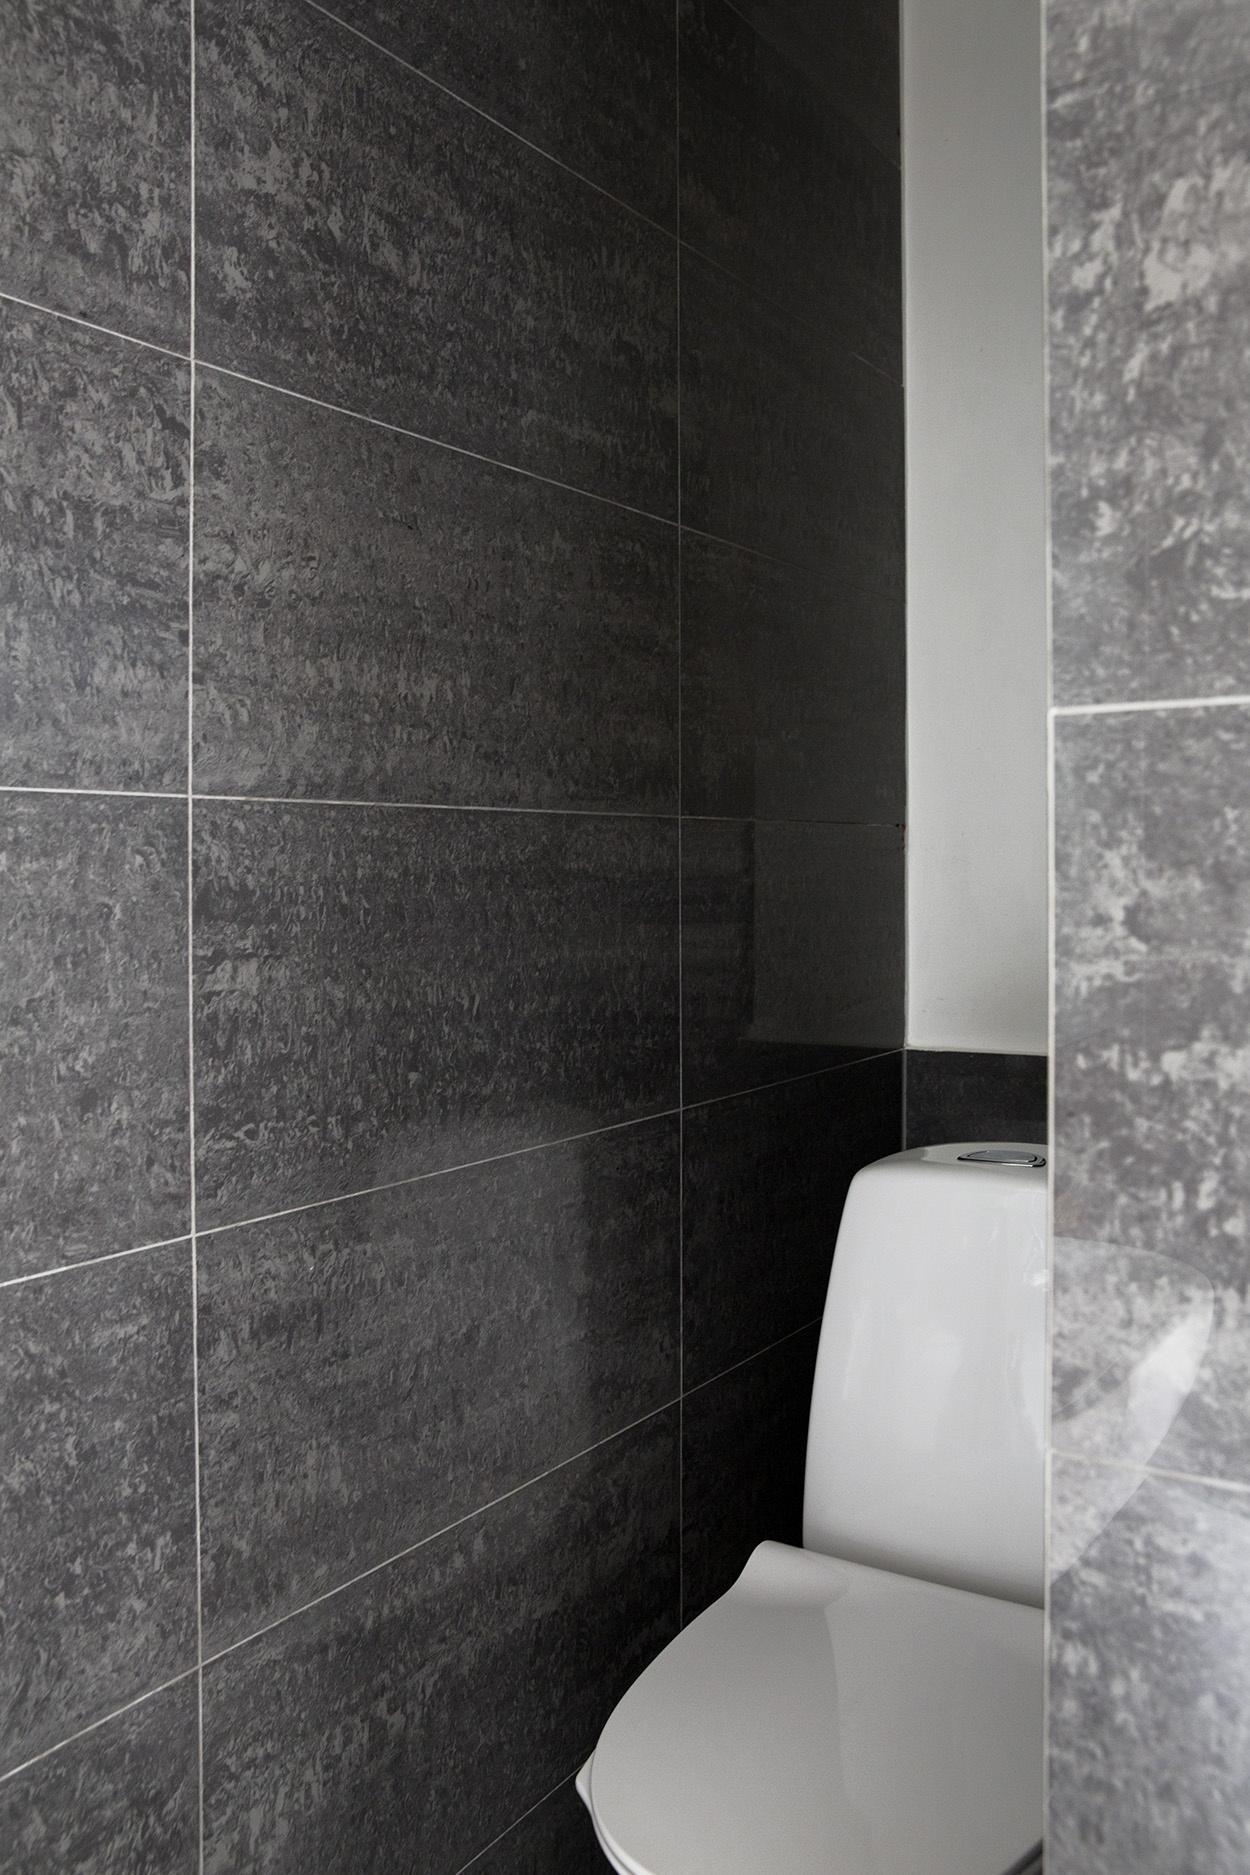 Verrassend ruime badkamer in een klein appartement van 52m2